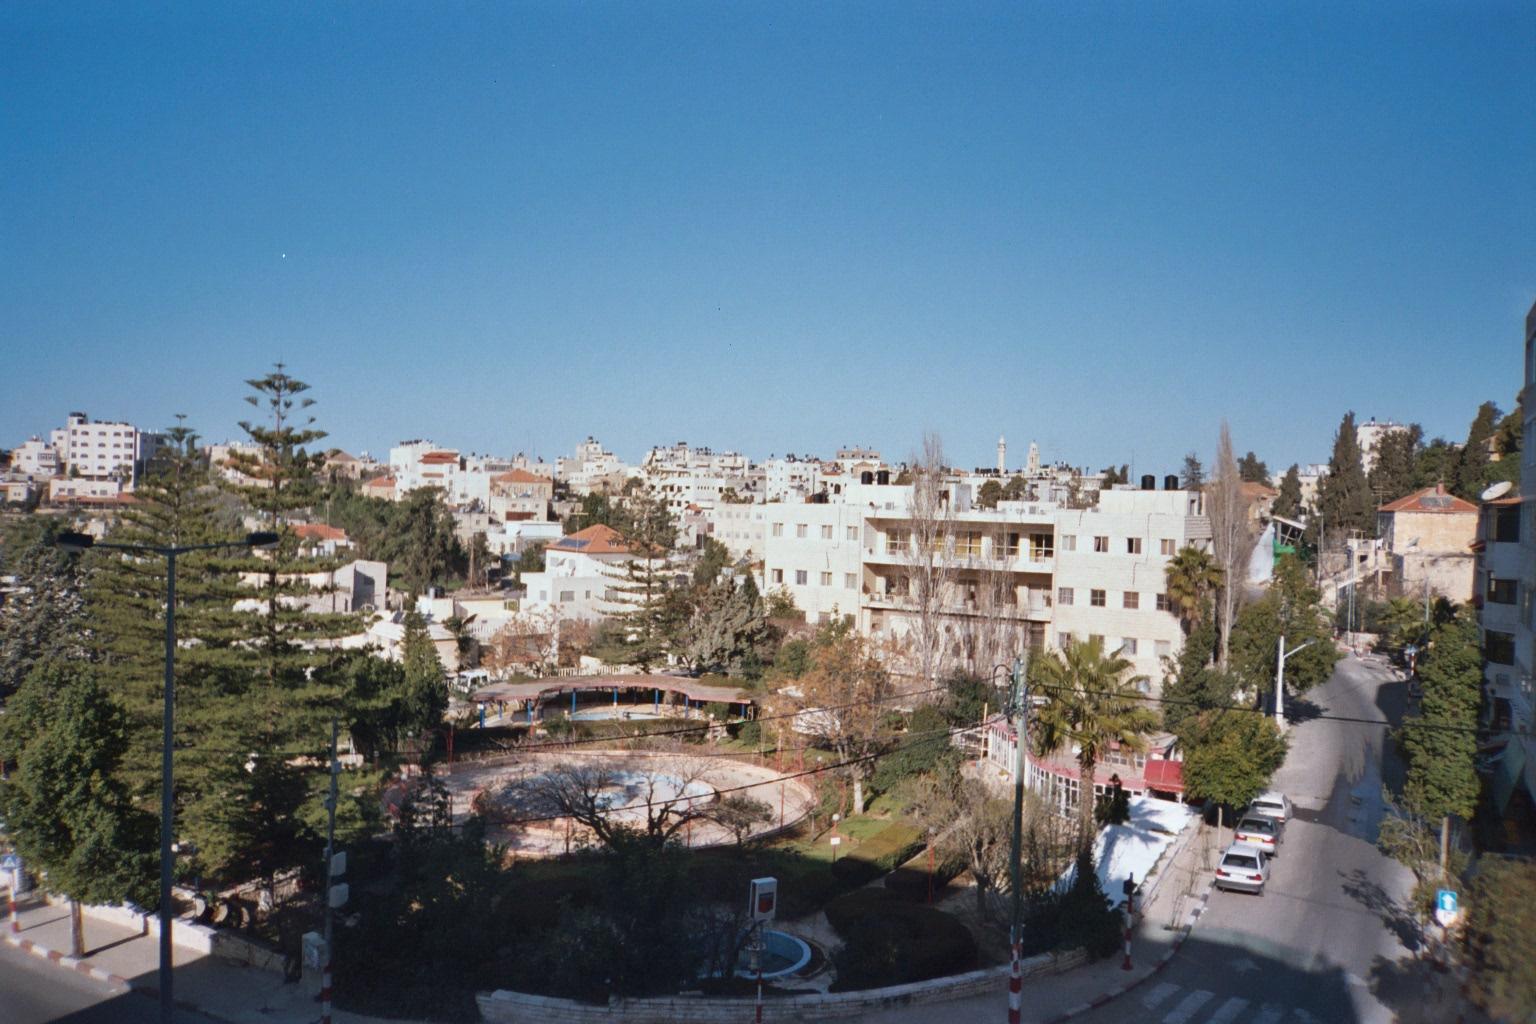 موسوعة الصور لفلسطين الحبيبة Ramallah-10583